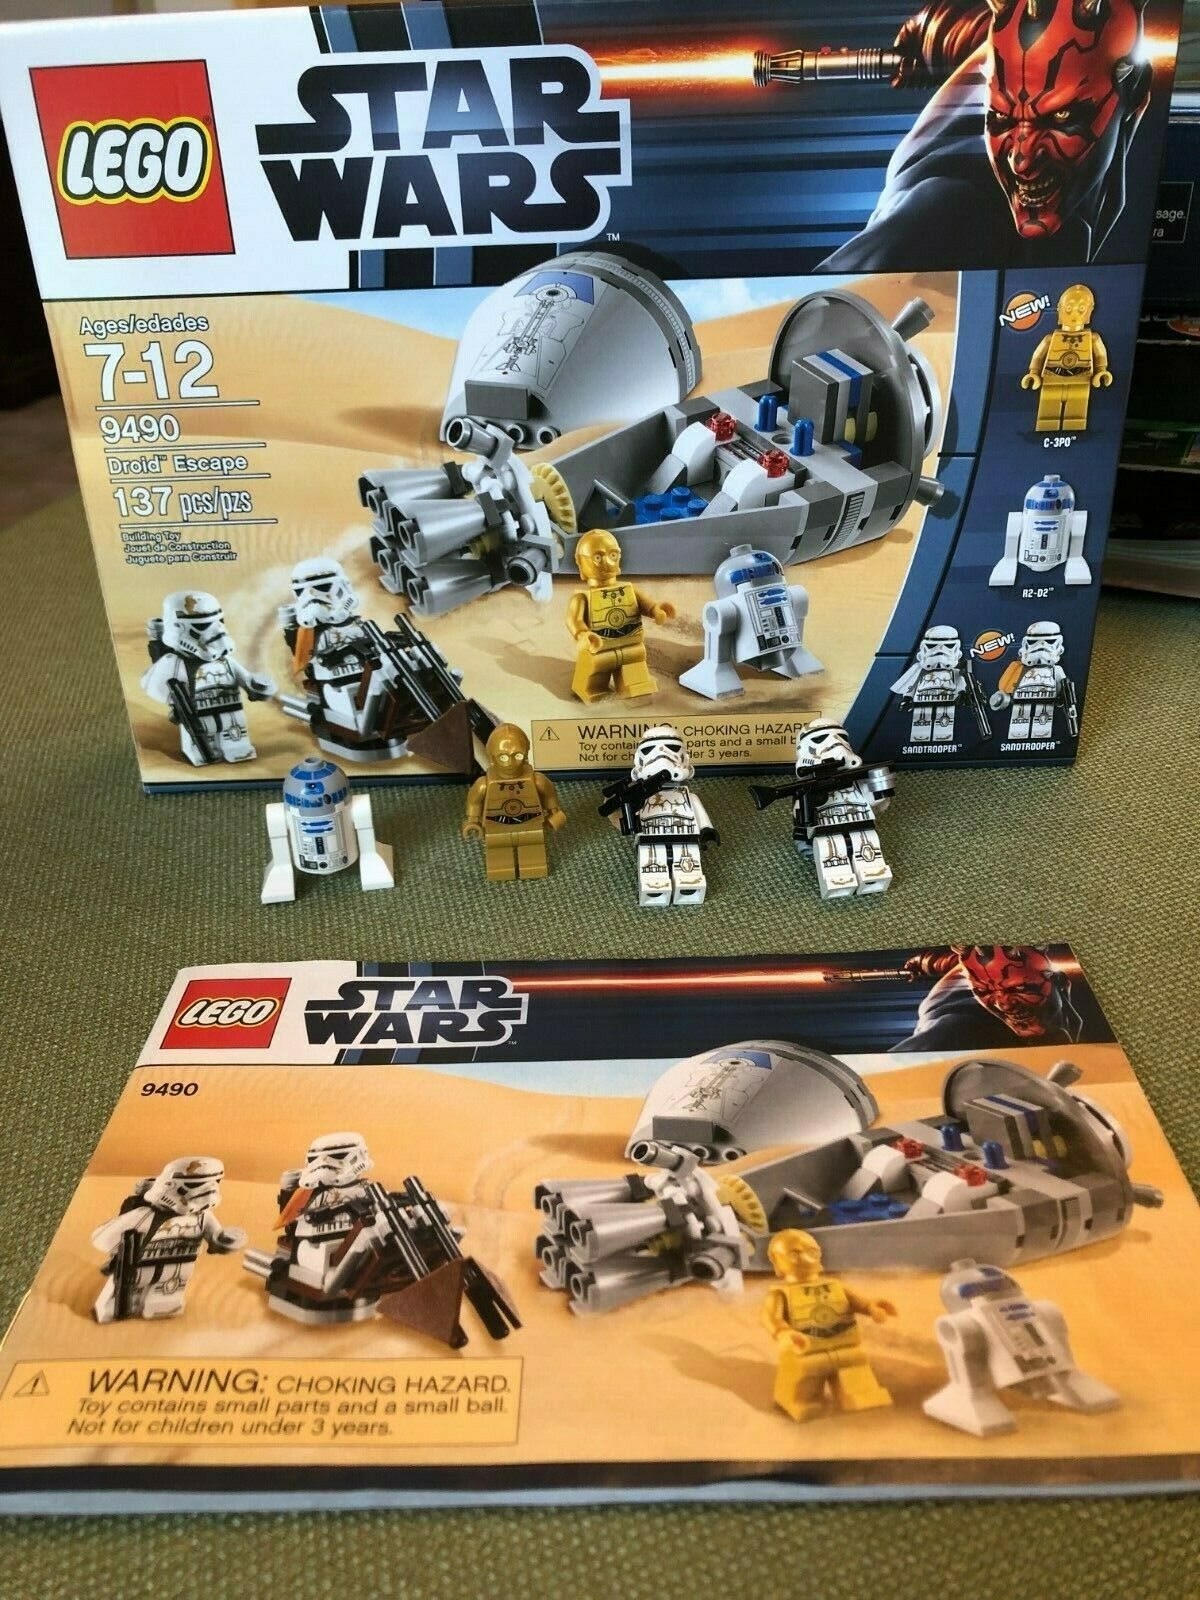 Lego estrella guerras 9490 Droid  Escape C-3PO e R2-D2  stanno facendo attività di sconto